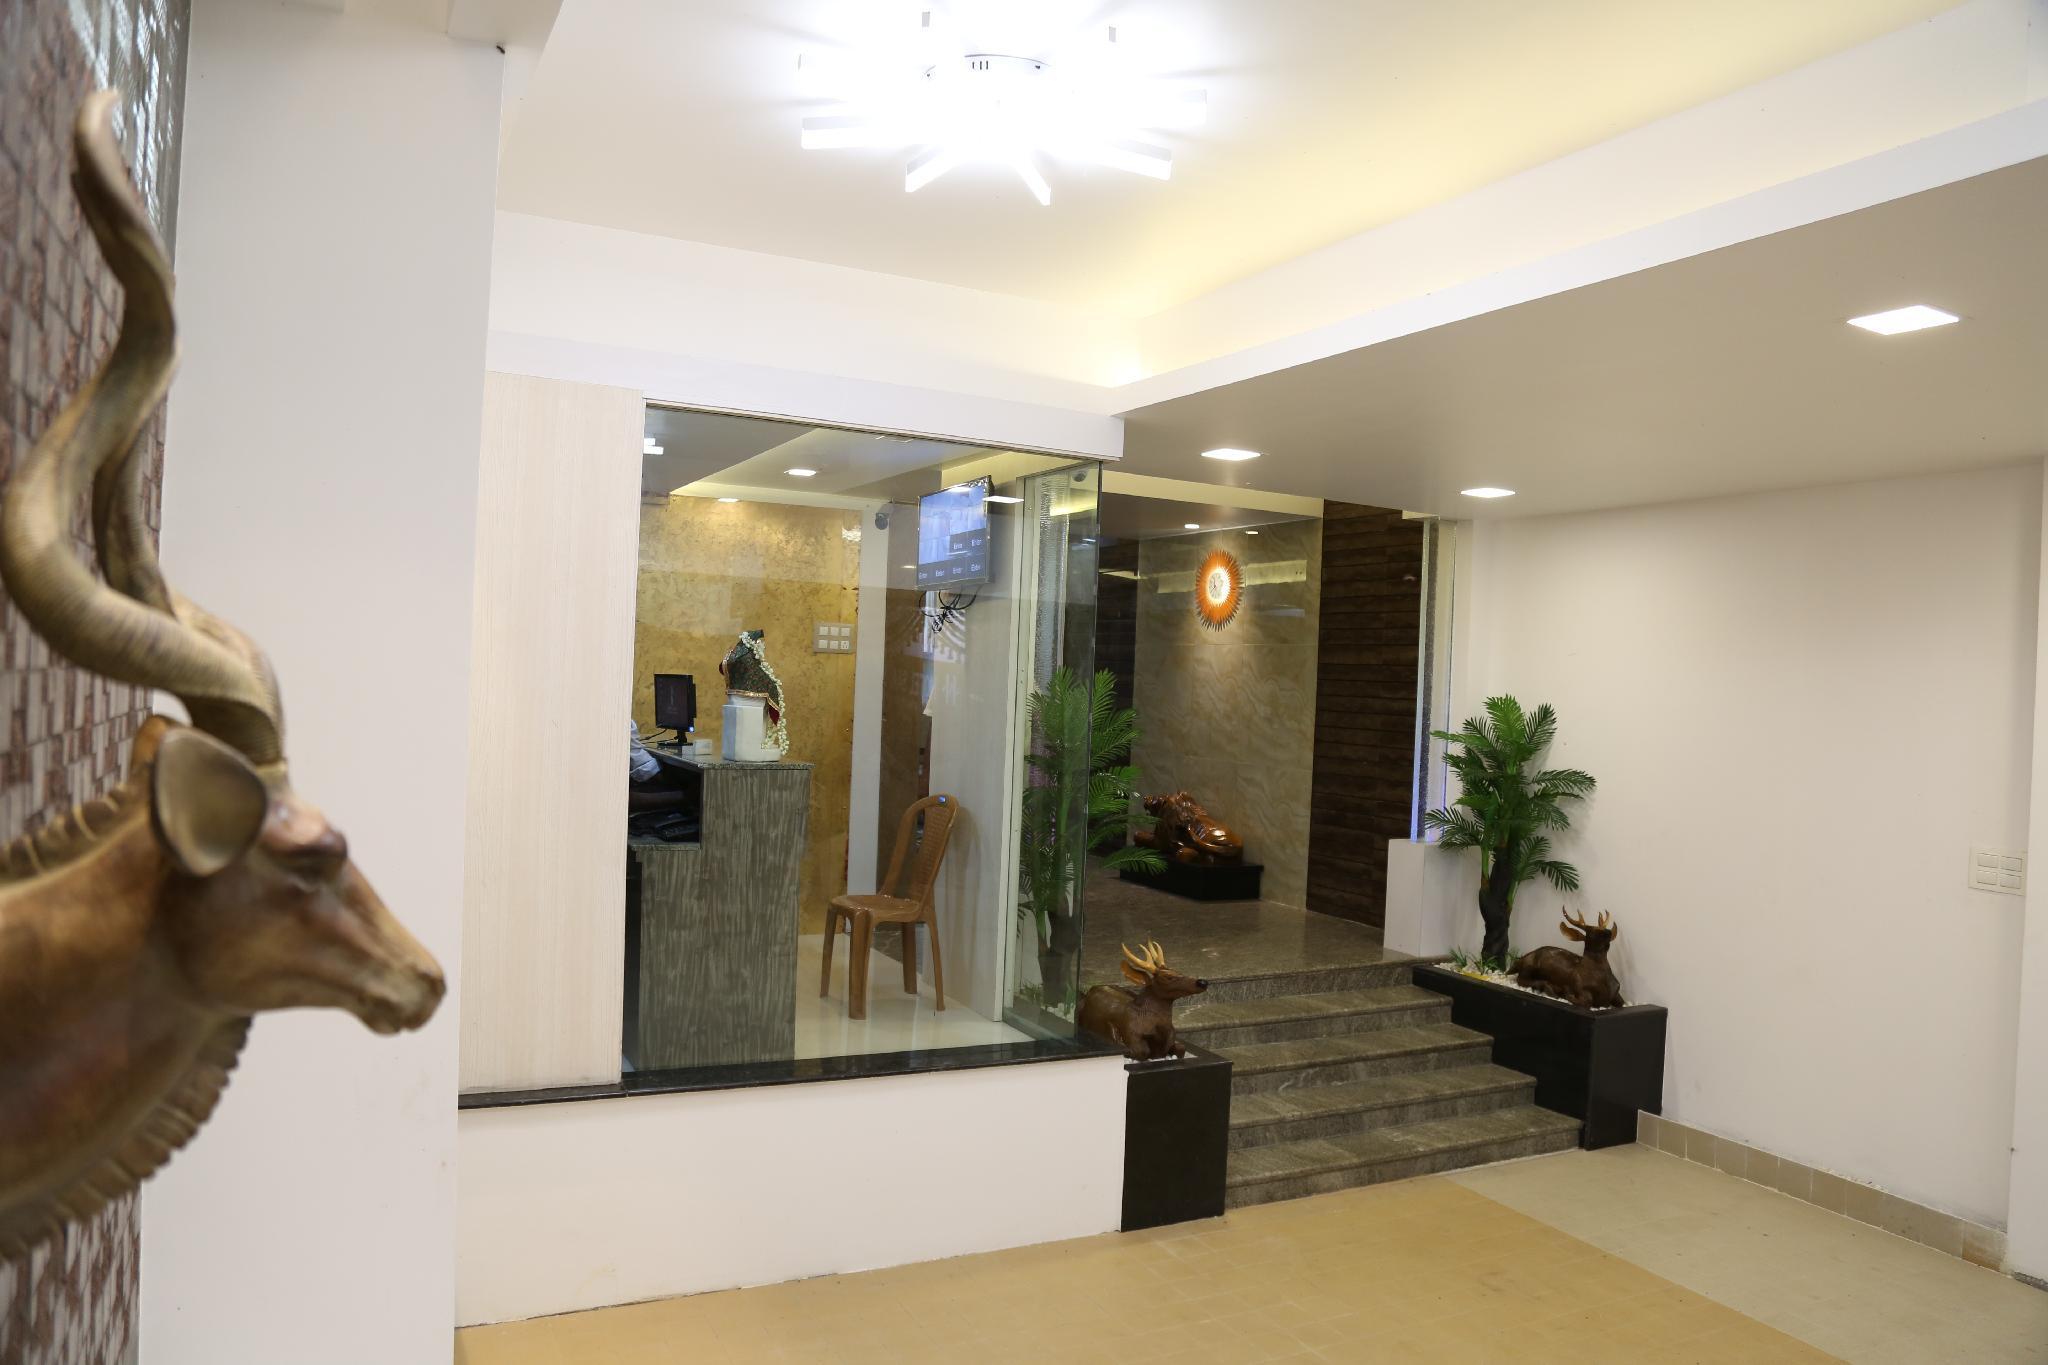 Hotel Sree Shai International, Tiruvannamalai